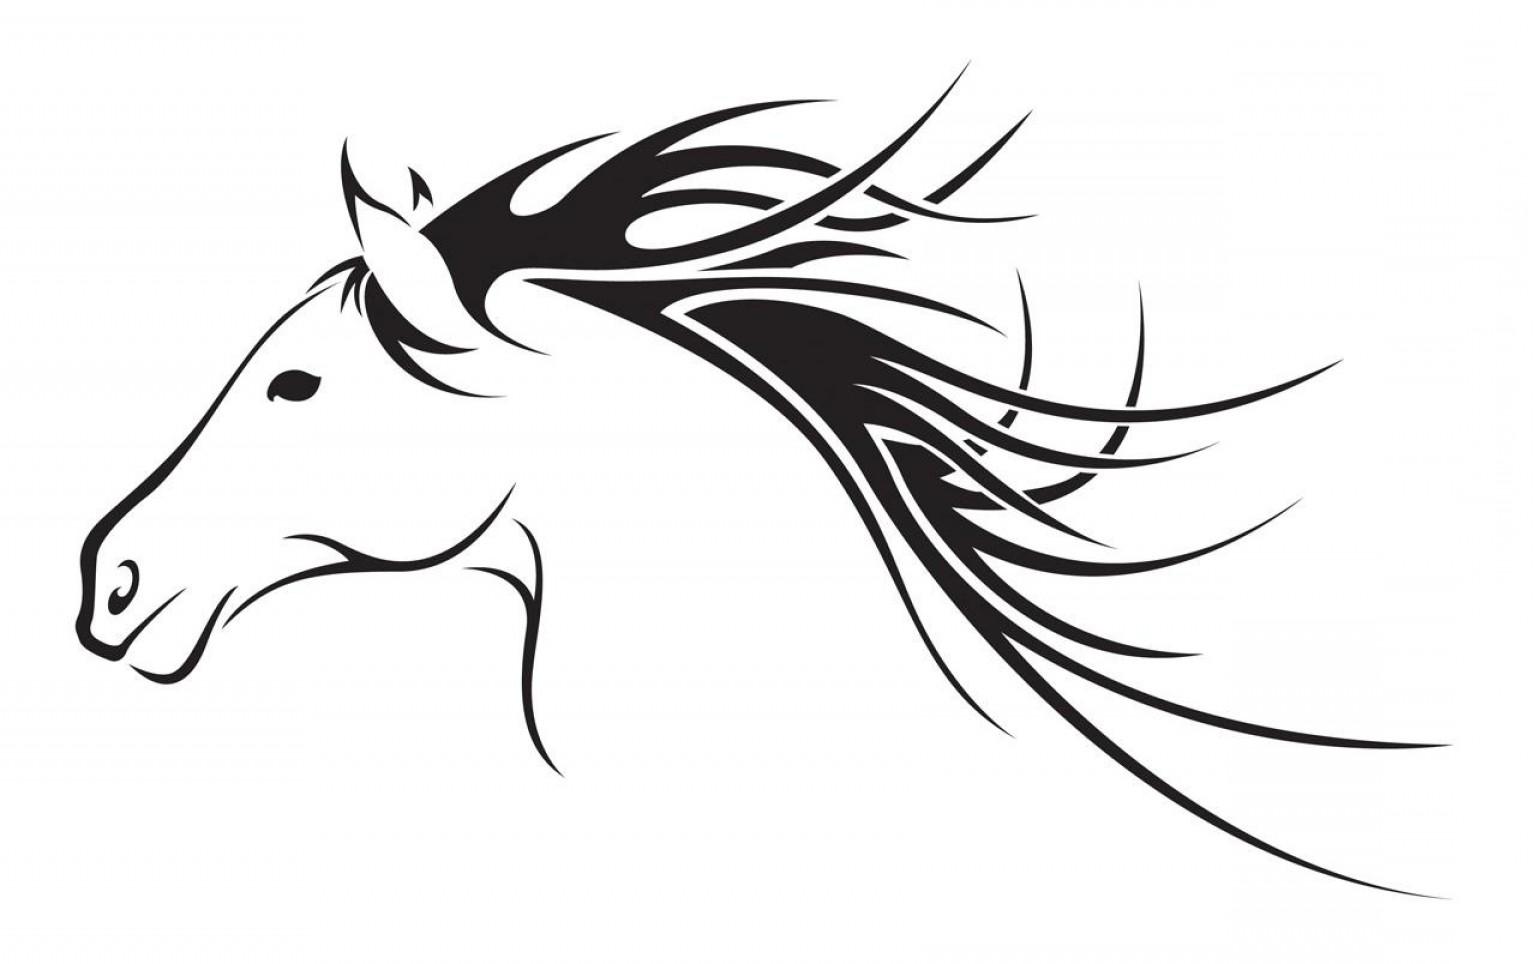 Horse clipart elegant. Head logo clip art